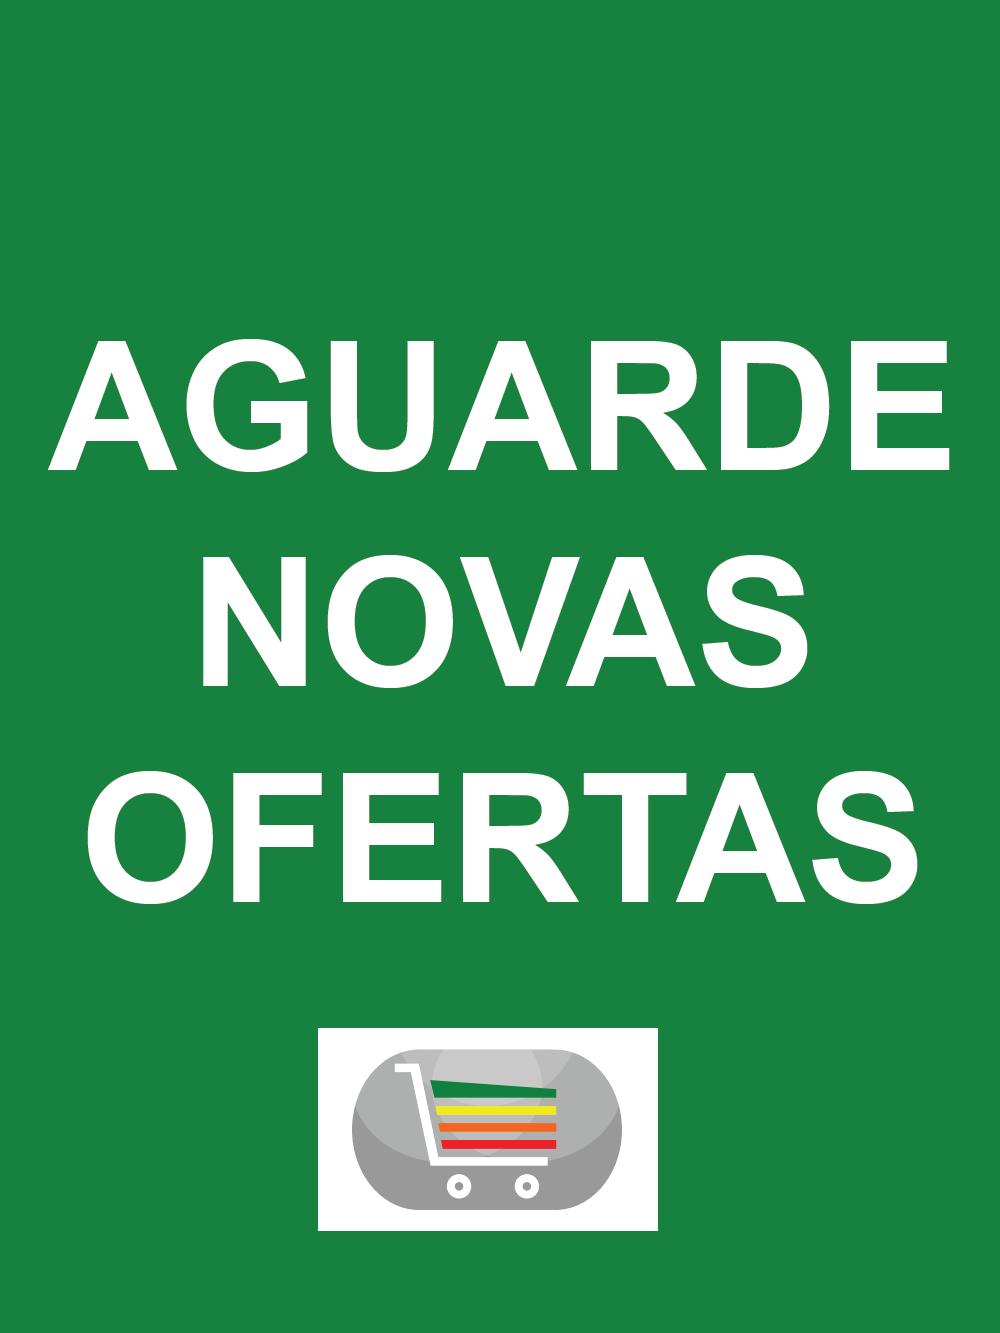 ofertas_de_supermercados-72 Semar até 25/11